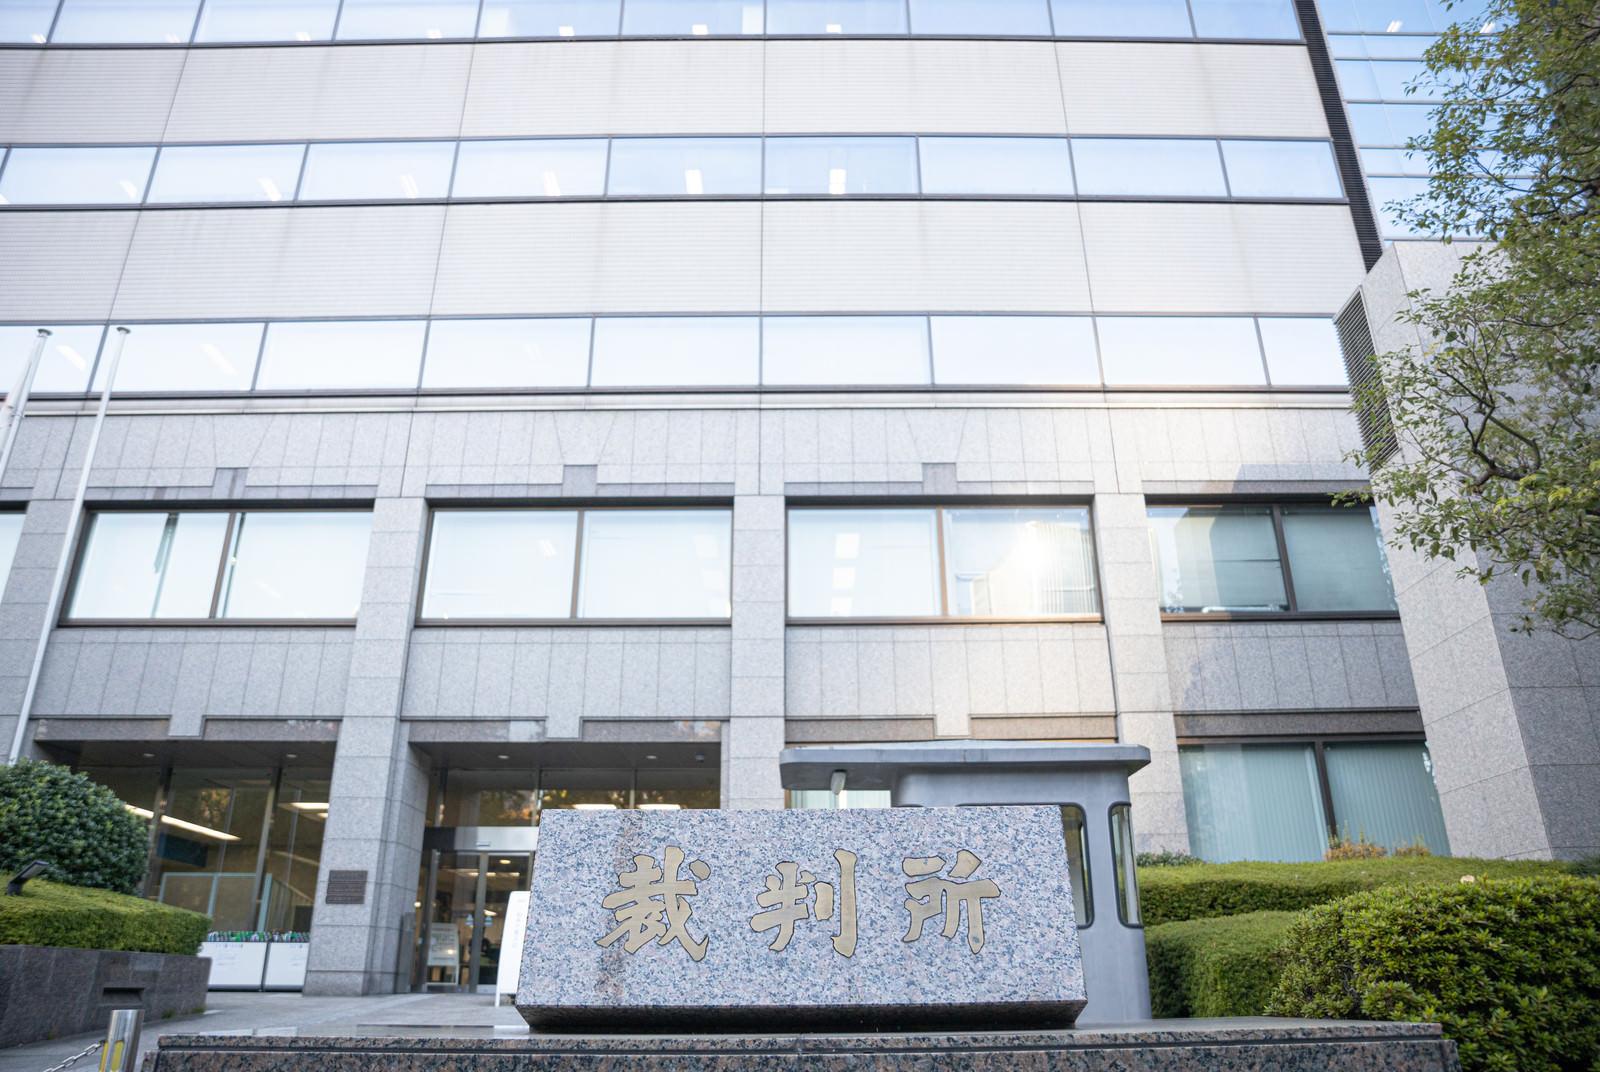 「地方家庭裁判所の建物」の写真